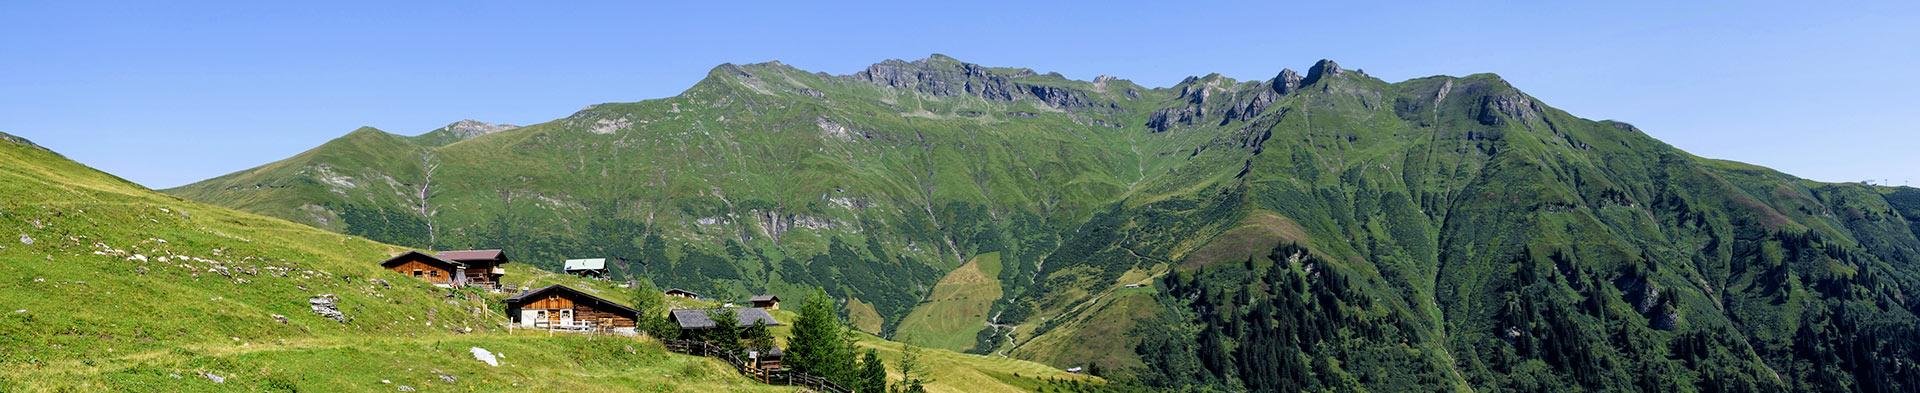 Gadaunerer Hochalm - bewirtschaftete Hütte im Gasteinertal